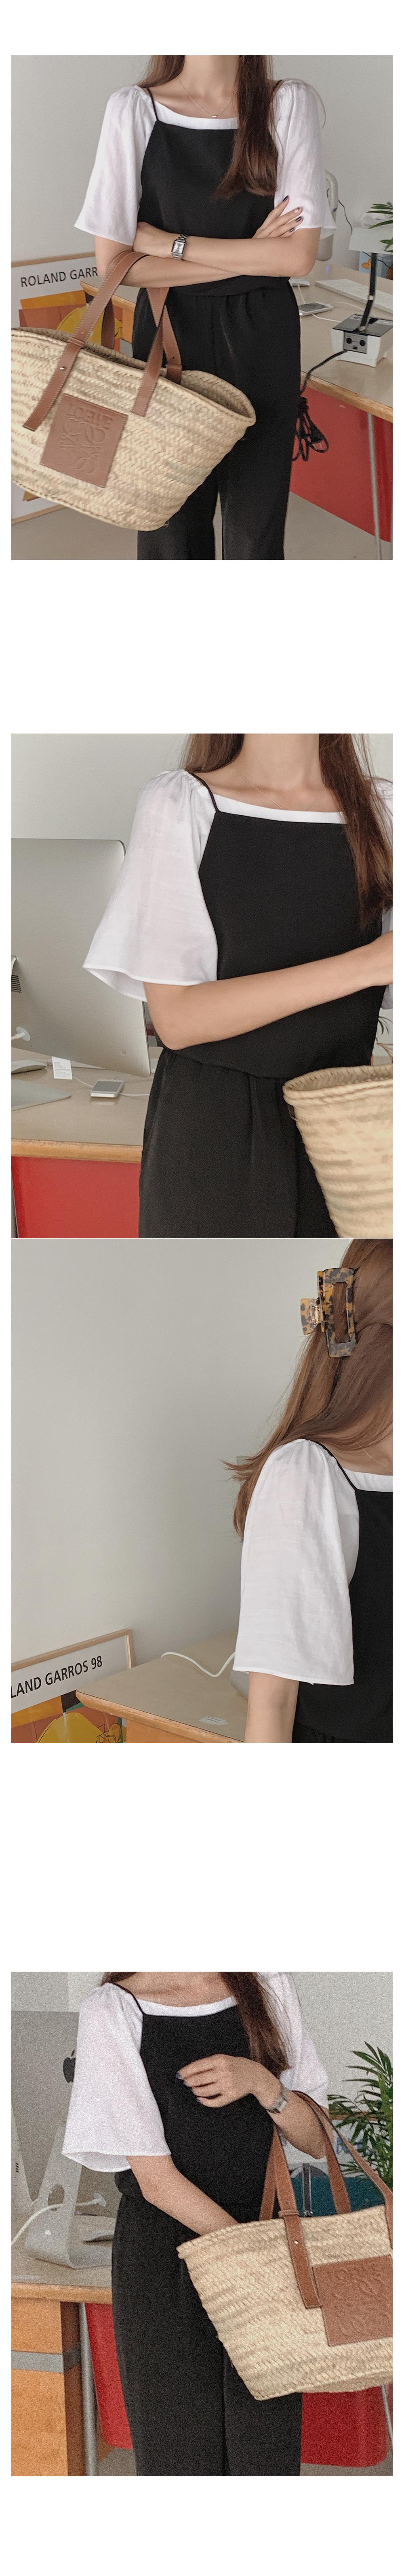 Rumeli Off Shoulder Blouse